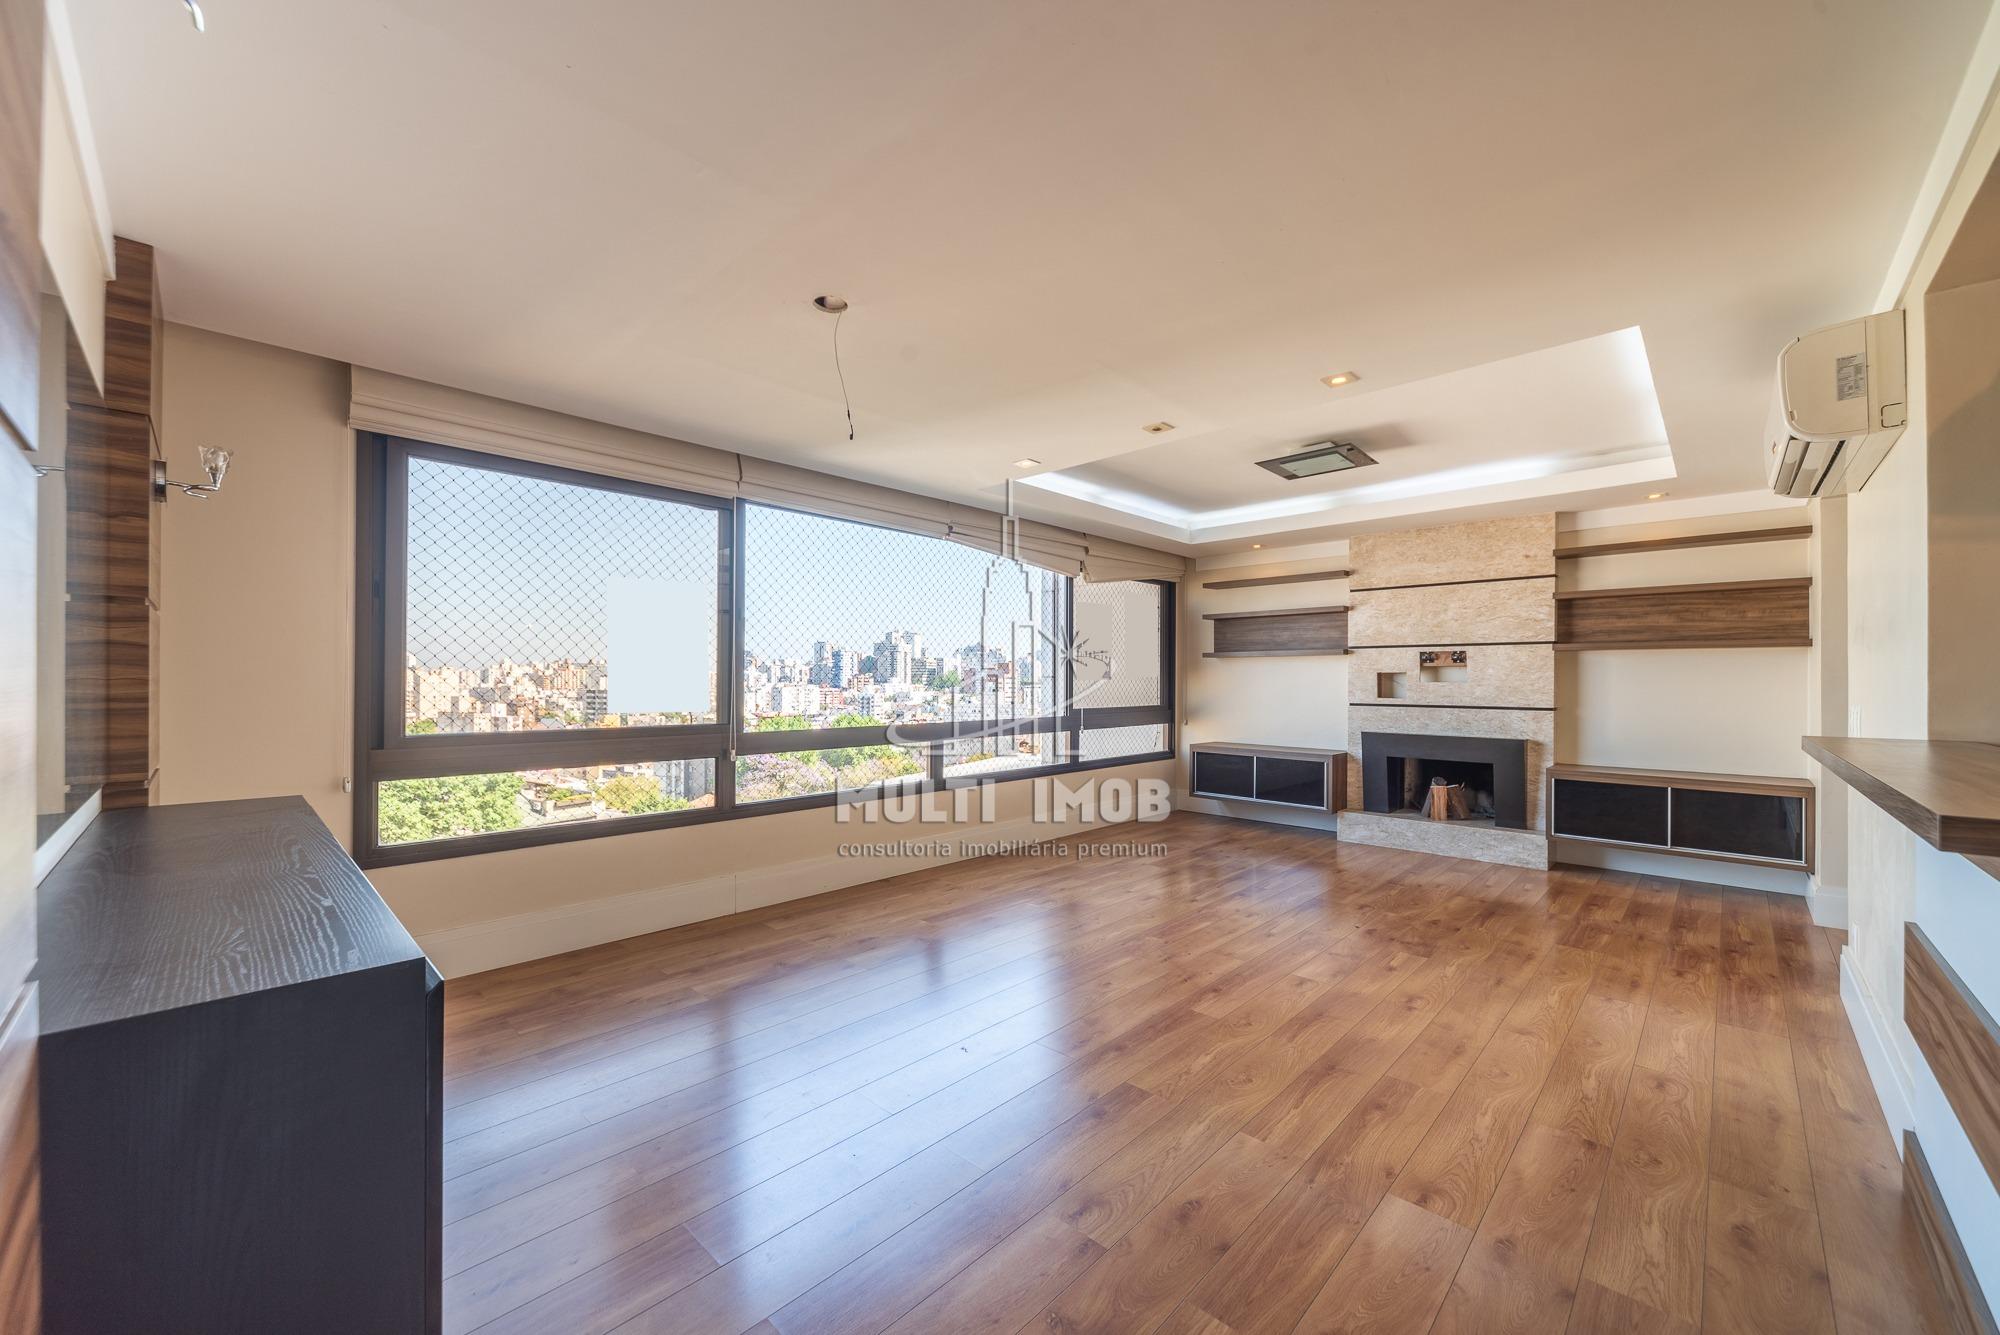 Apartamento  4 Dormitórios  3 Suítes  2 Vagas de Garagem Venda Bairro Rio Branco em Porto Alegre RS